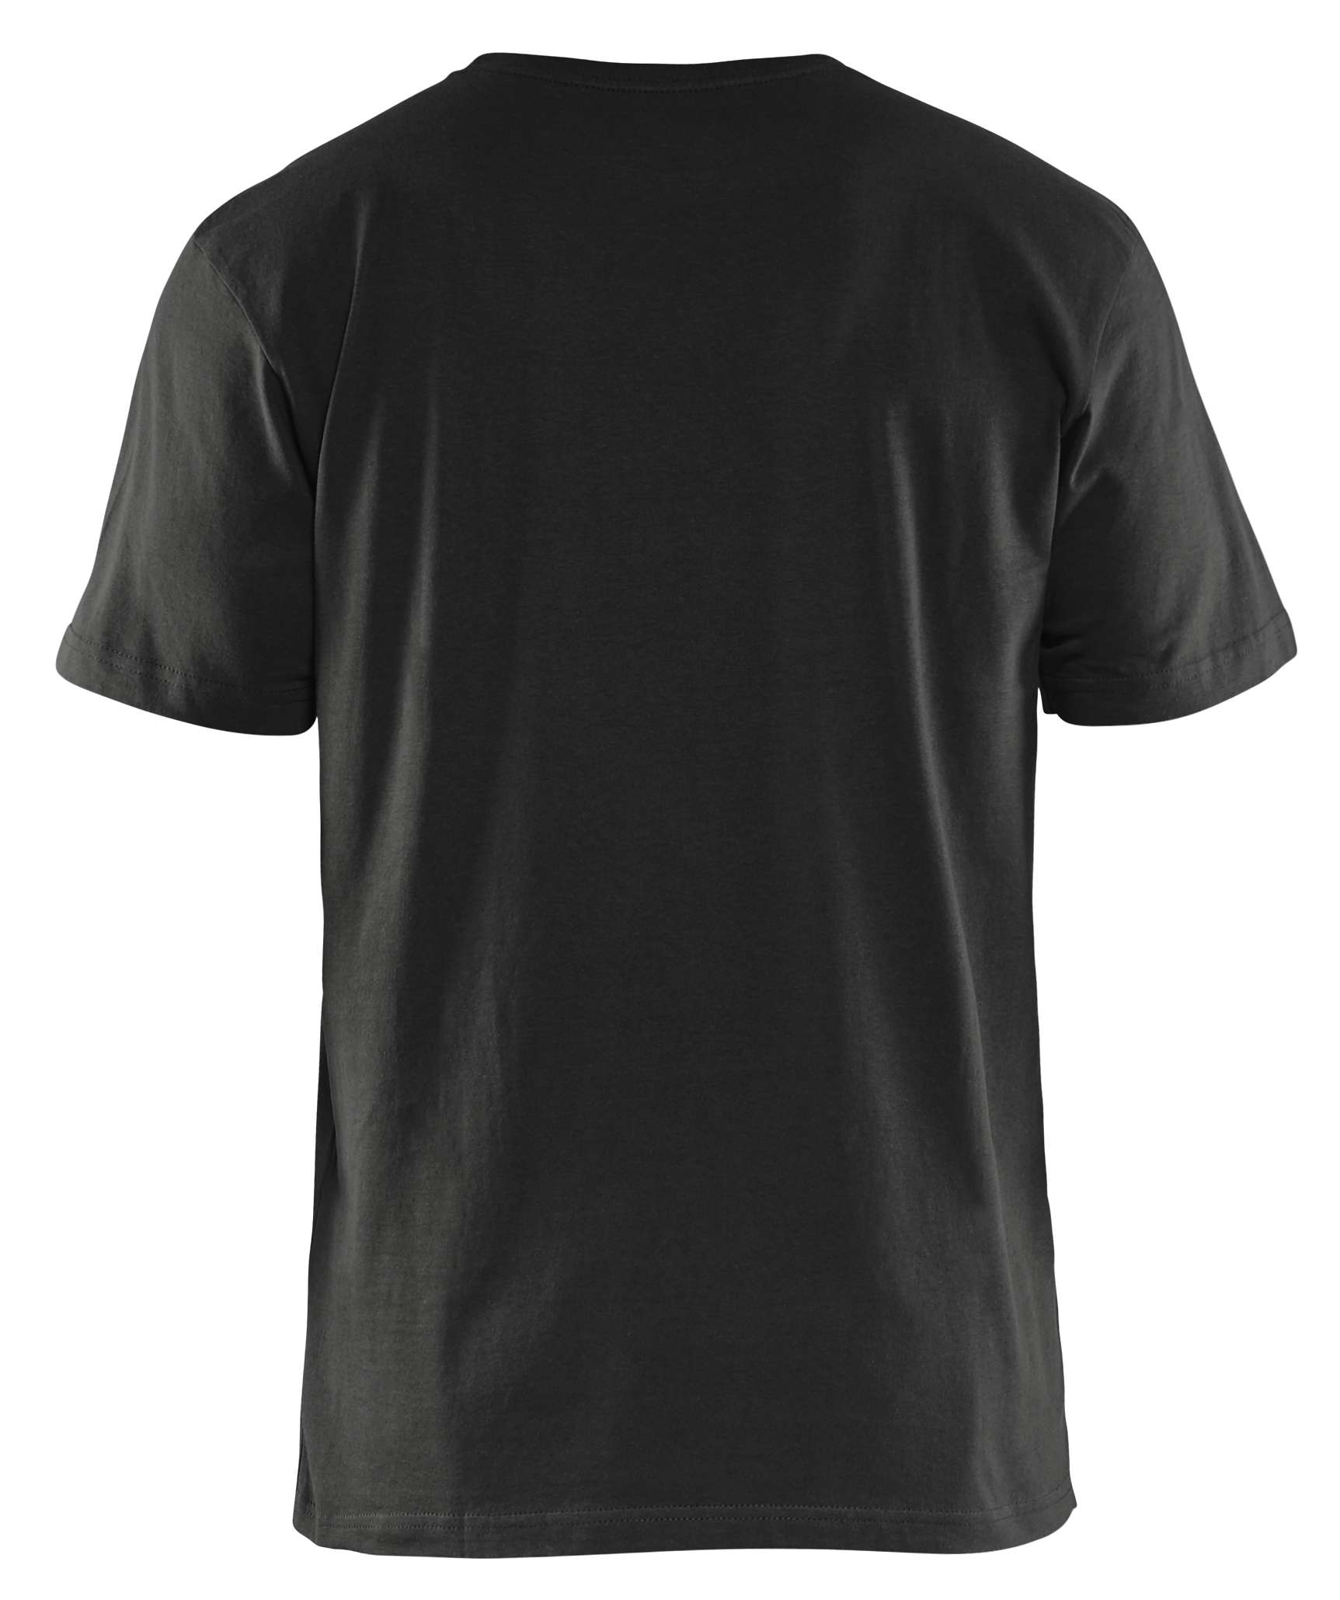 Blaklader T-shirts 35251042 zwart(9900)